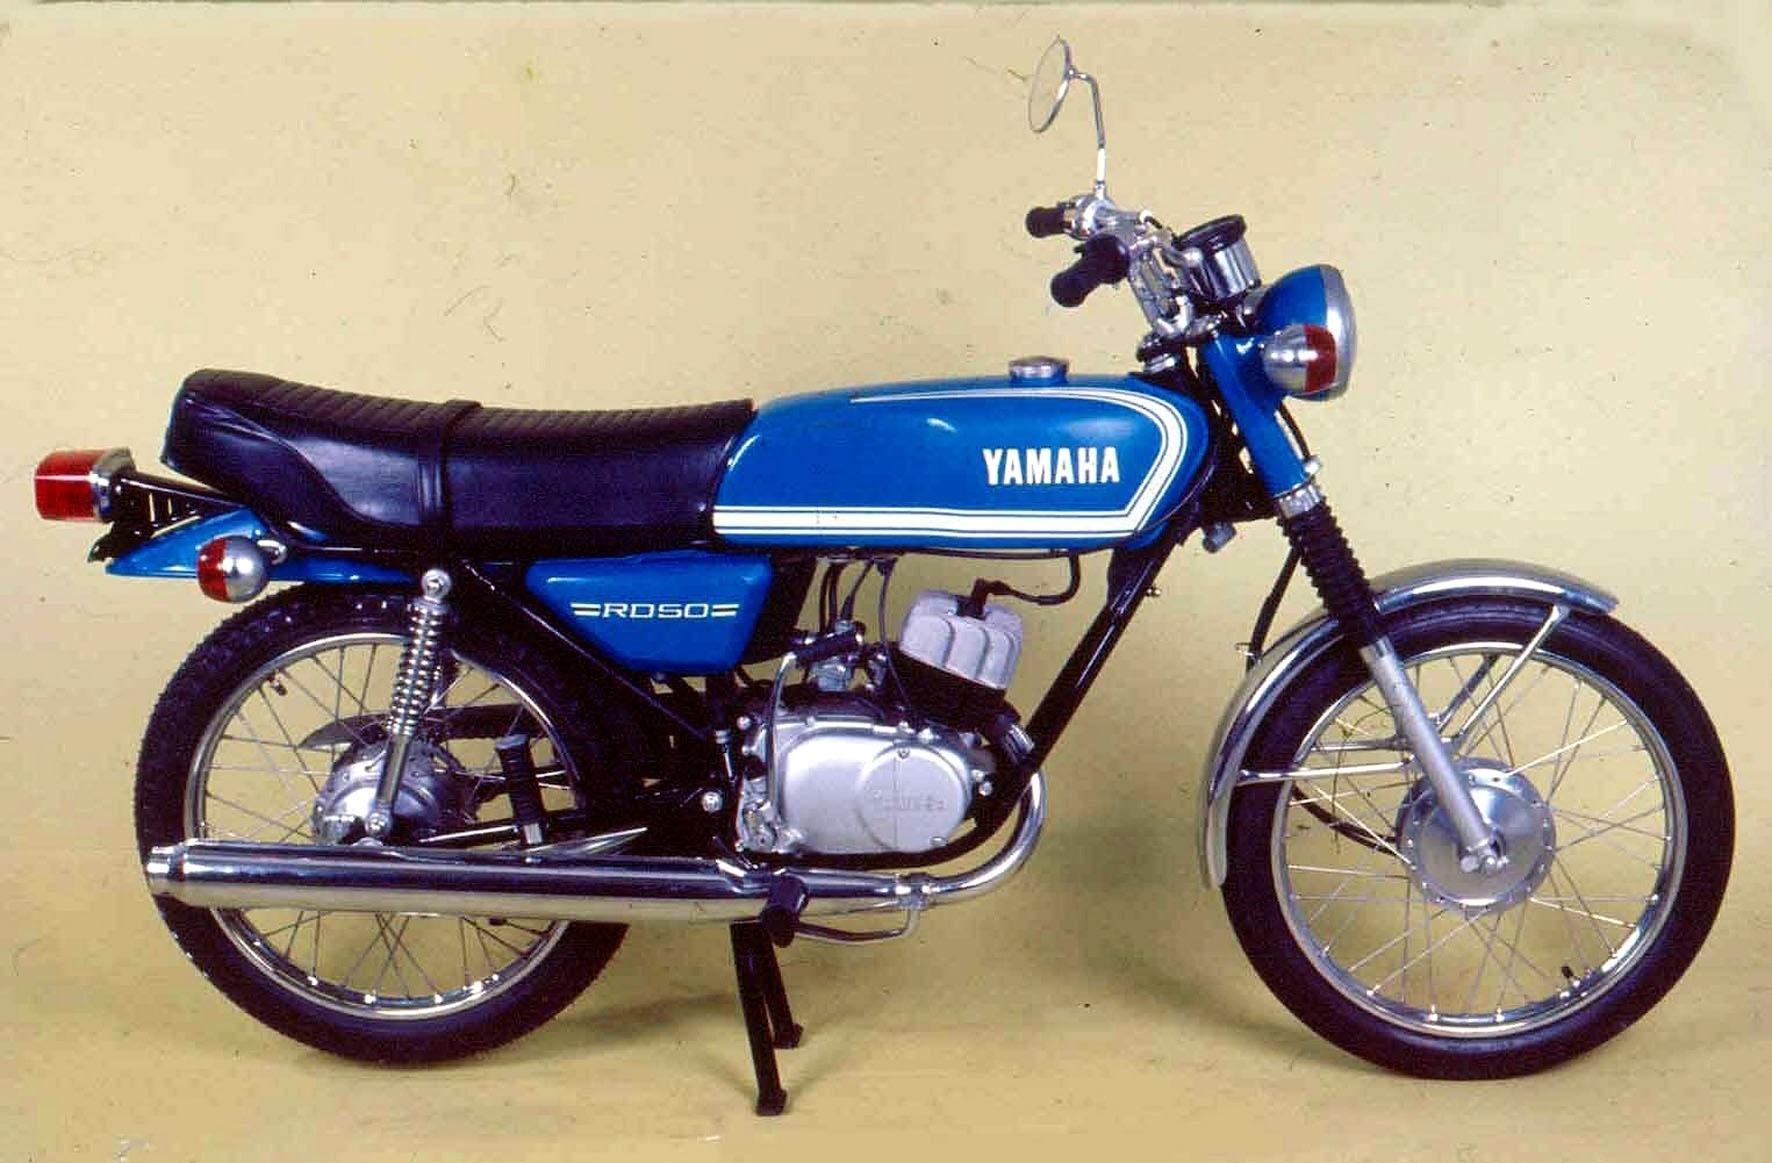 Motos que fizeram história no Brasil